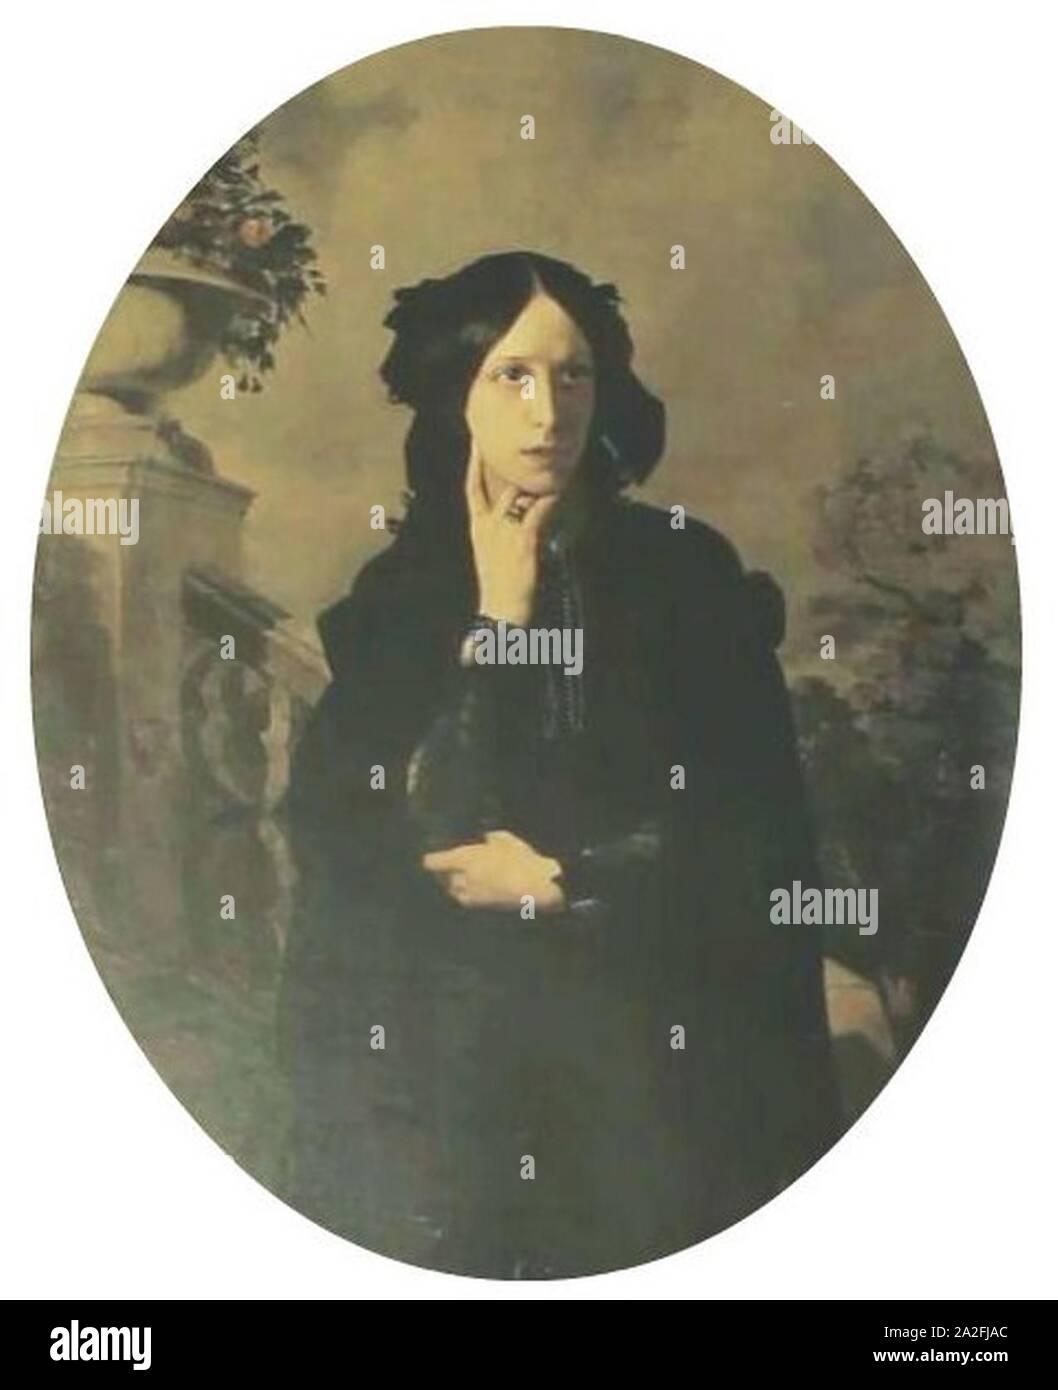 Elizaveta Chertkova. Stock Photo